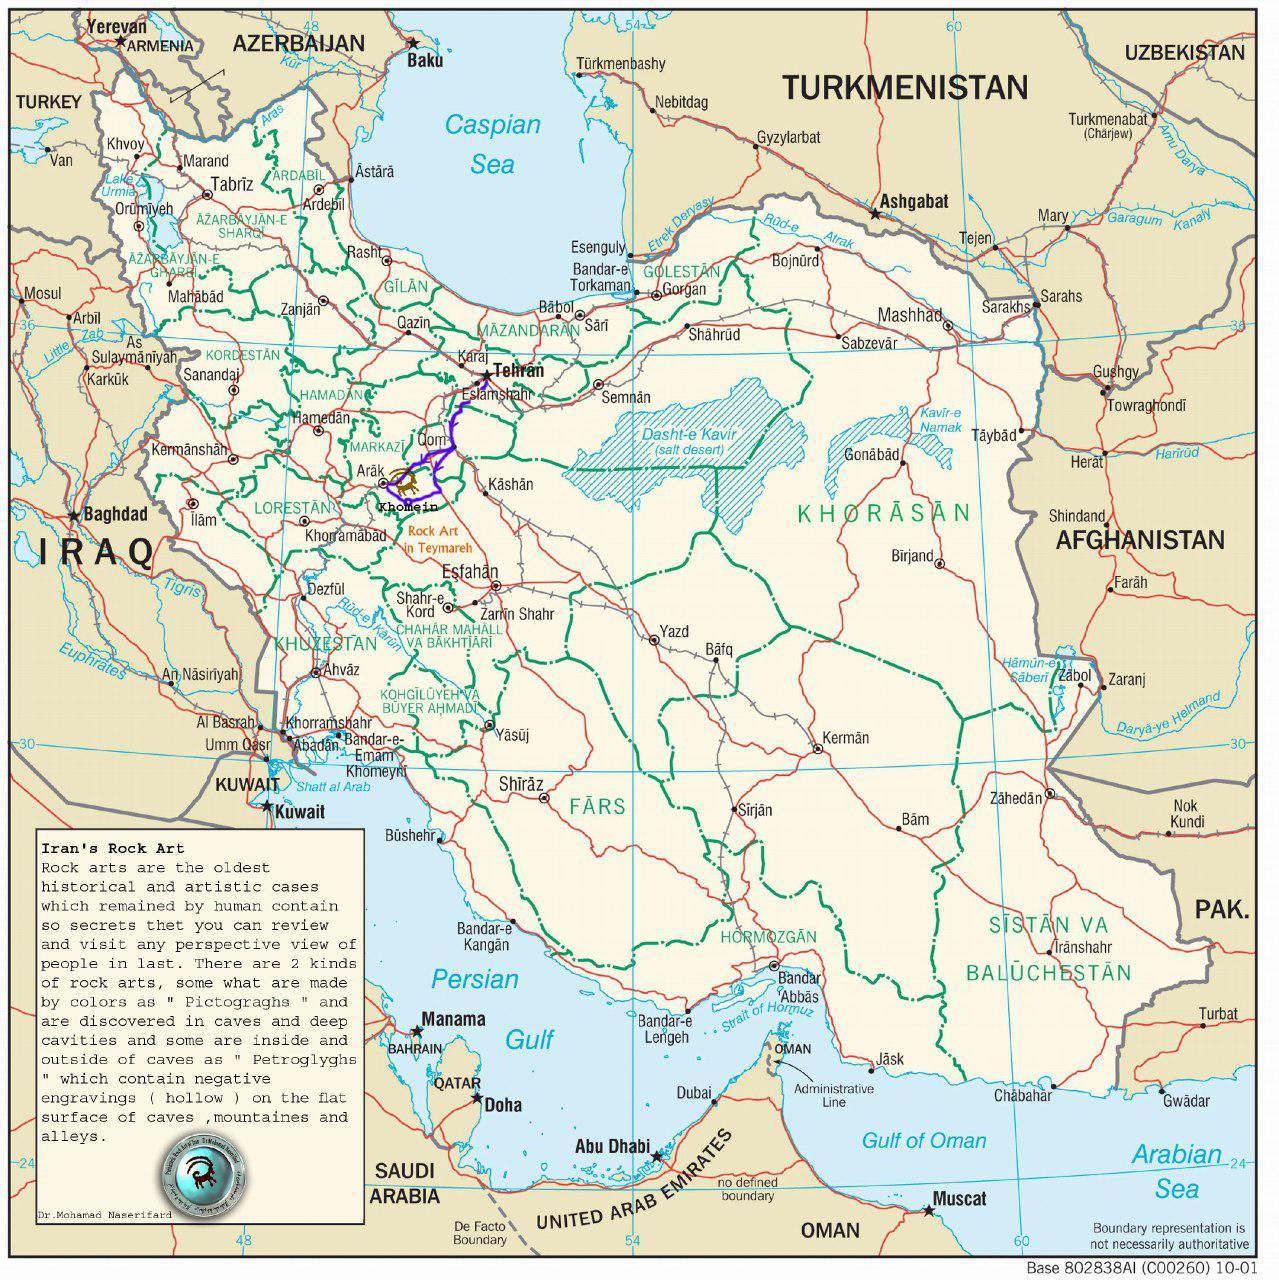 از تاریخیترین نمایشگاه نقاشی جهان در ایران دیدن کنید!